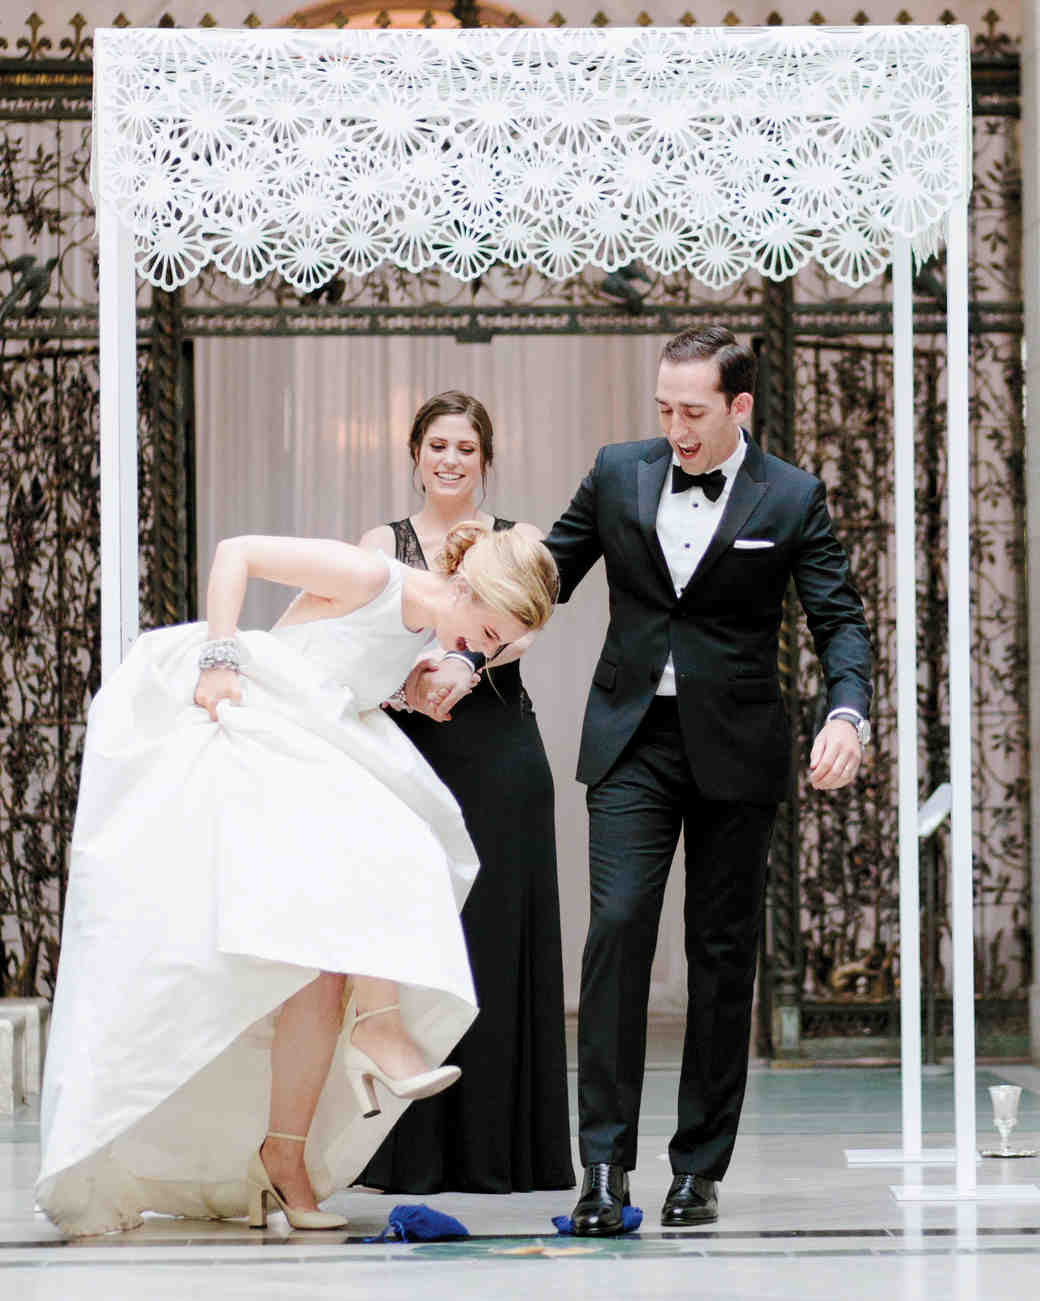 emily-max-wedding-michigan-802-s112396.jpg